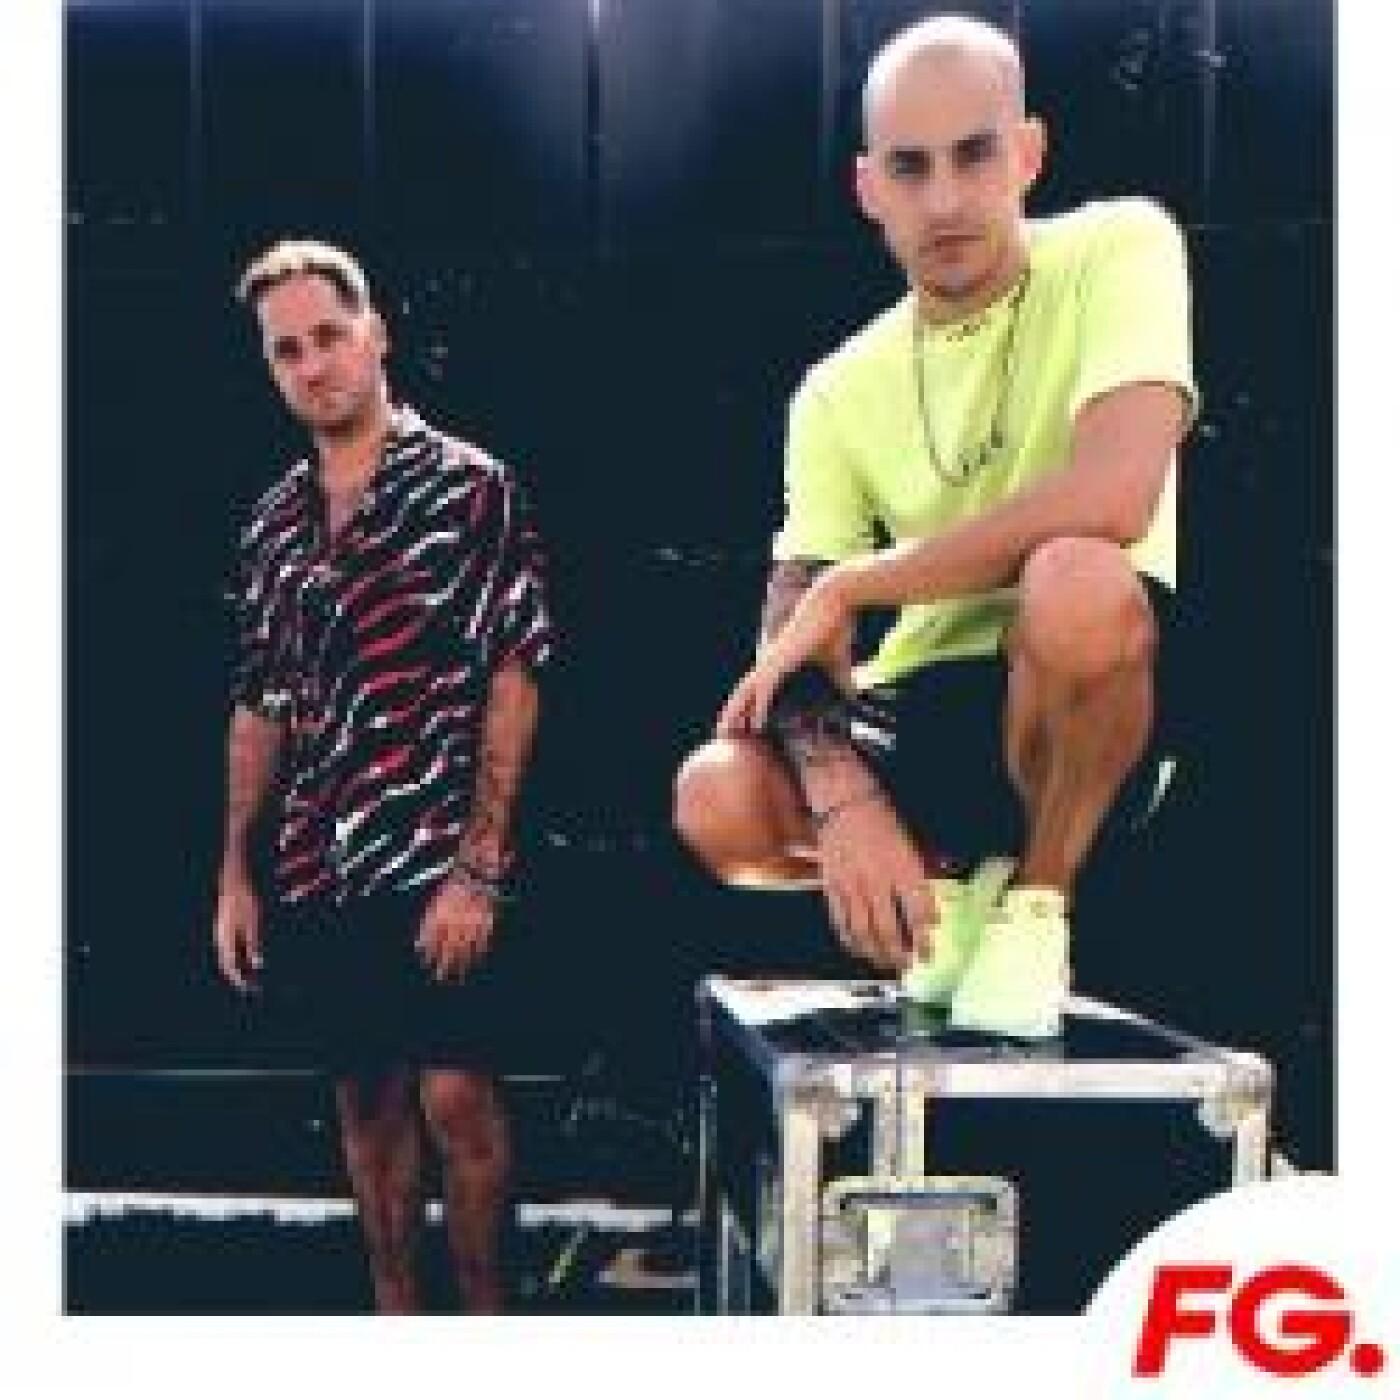 CLUB FG : CHICKS LUV US